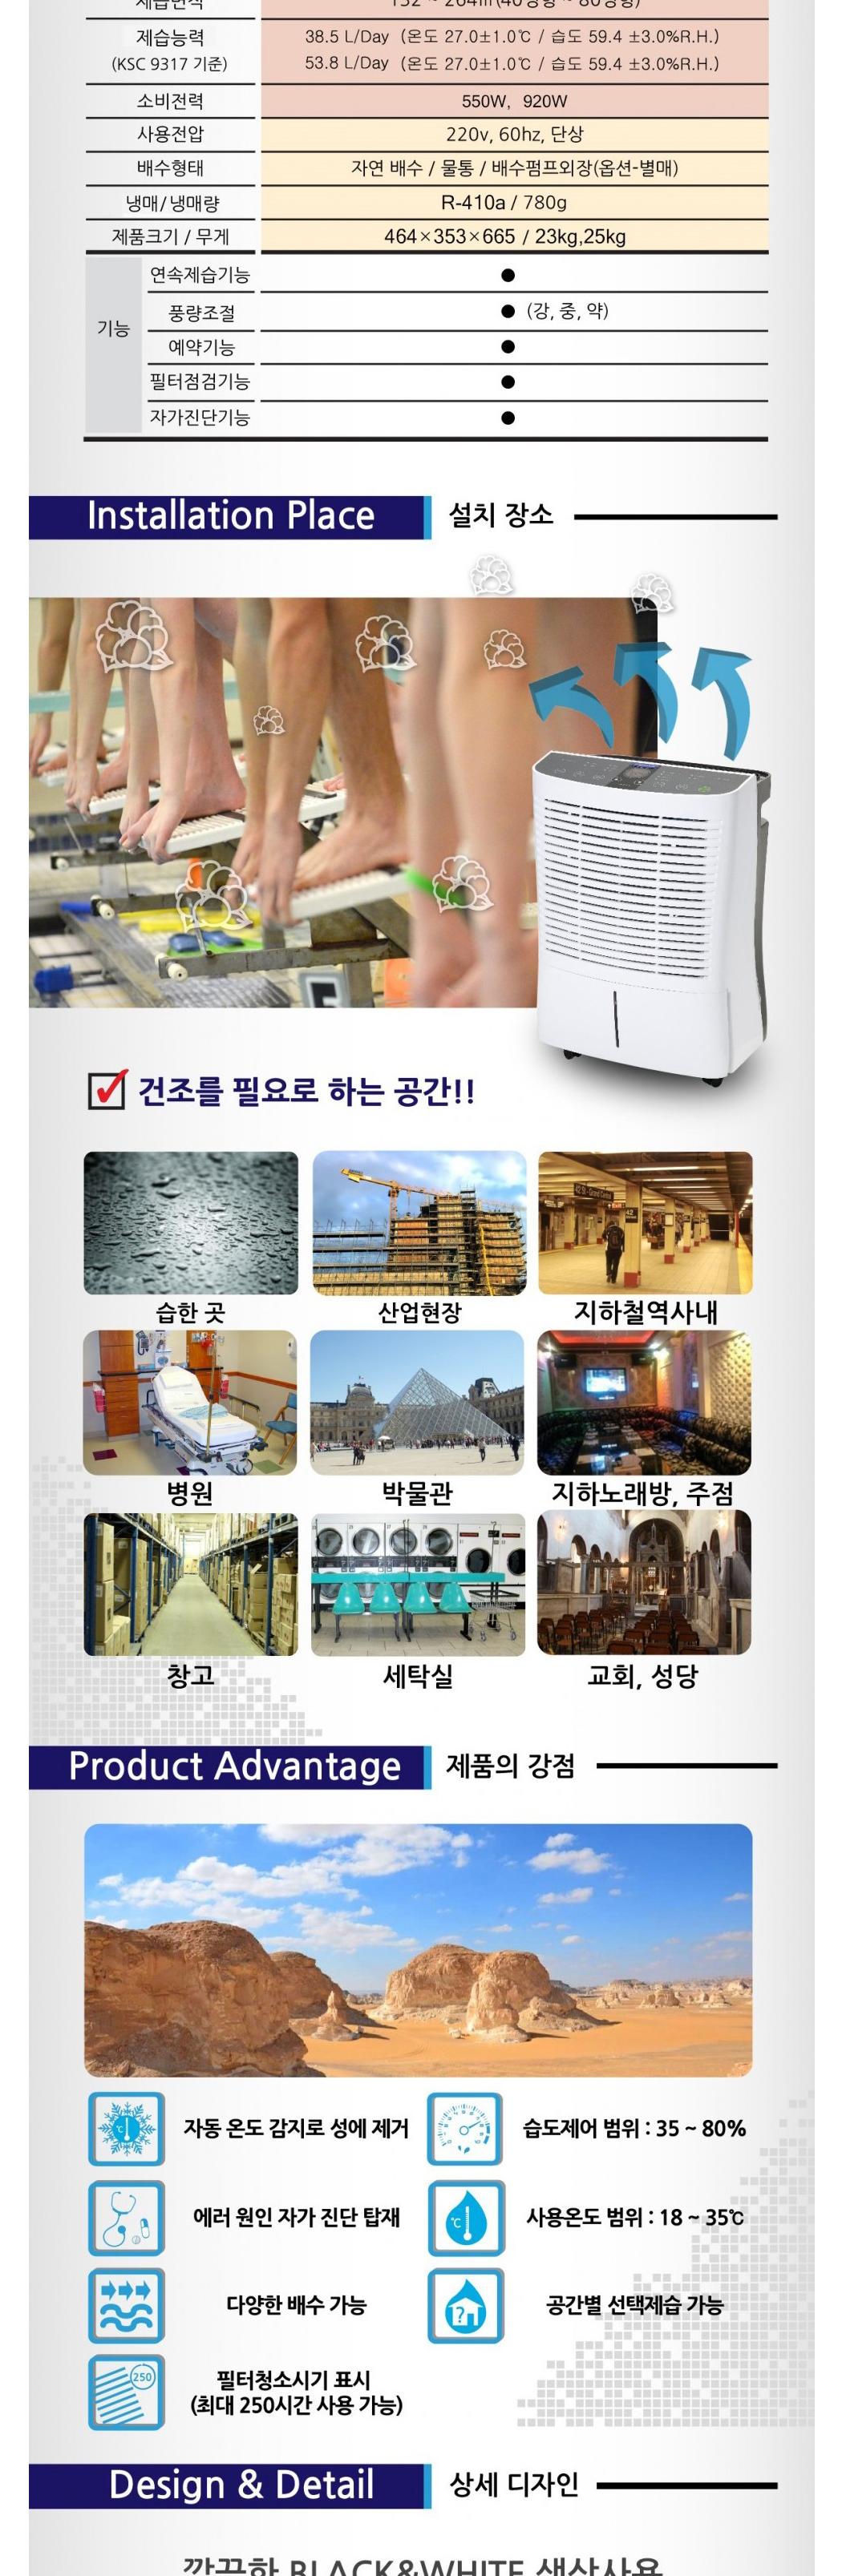 (주)파람 산업용 이동식 제습기 PD-K33S, PD-K55S 1